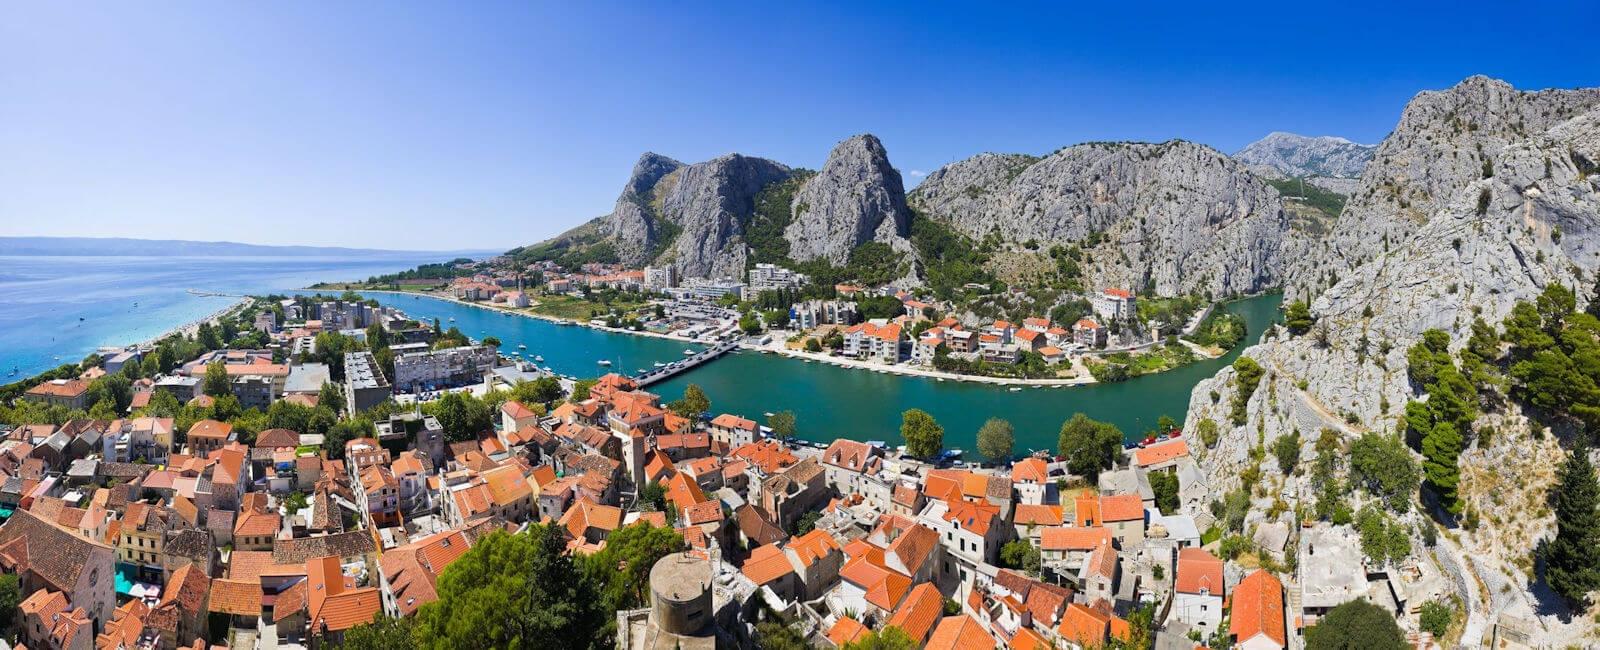 omis holidays, croatia